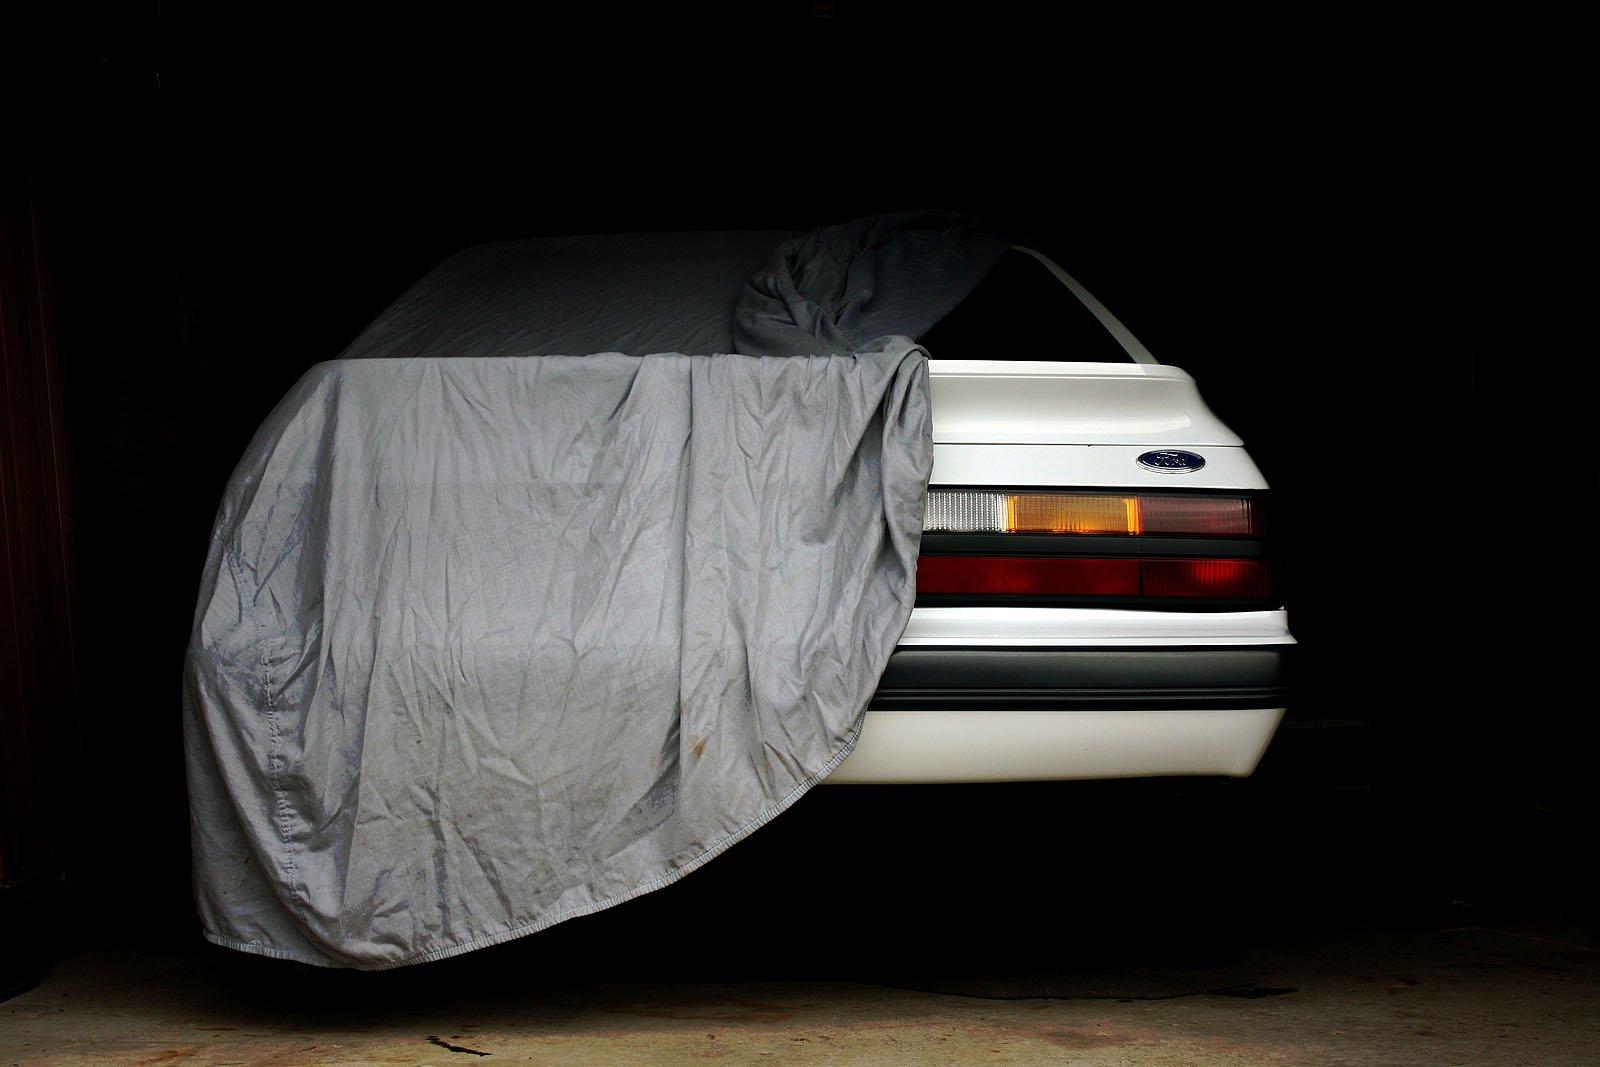 خودروی خود را برای زمستان آماده کنید